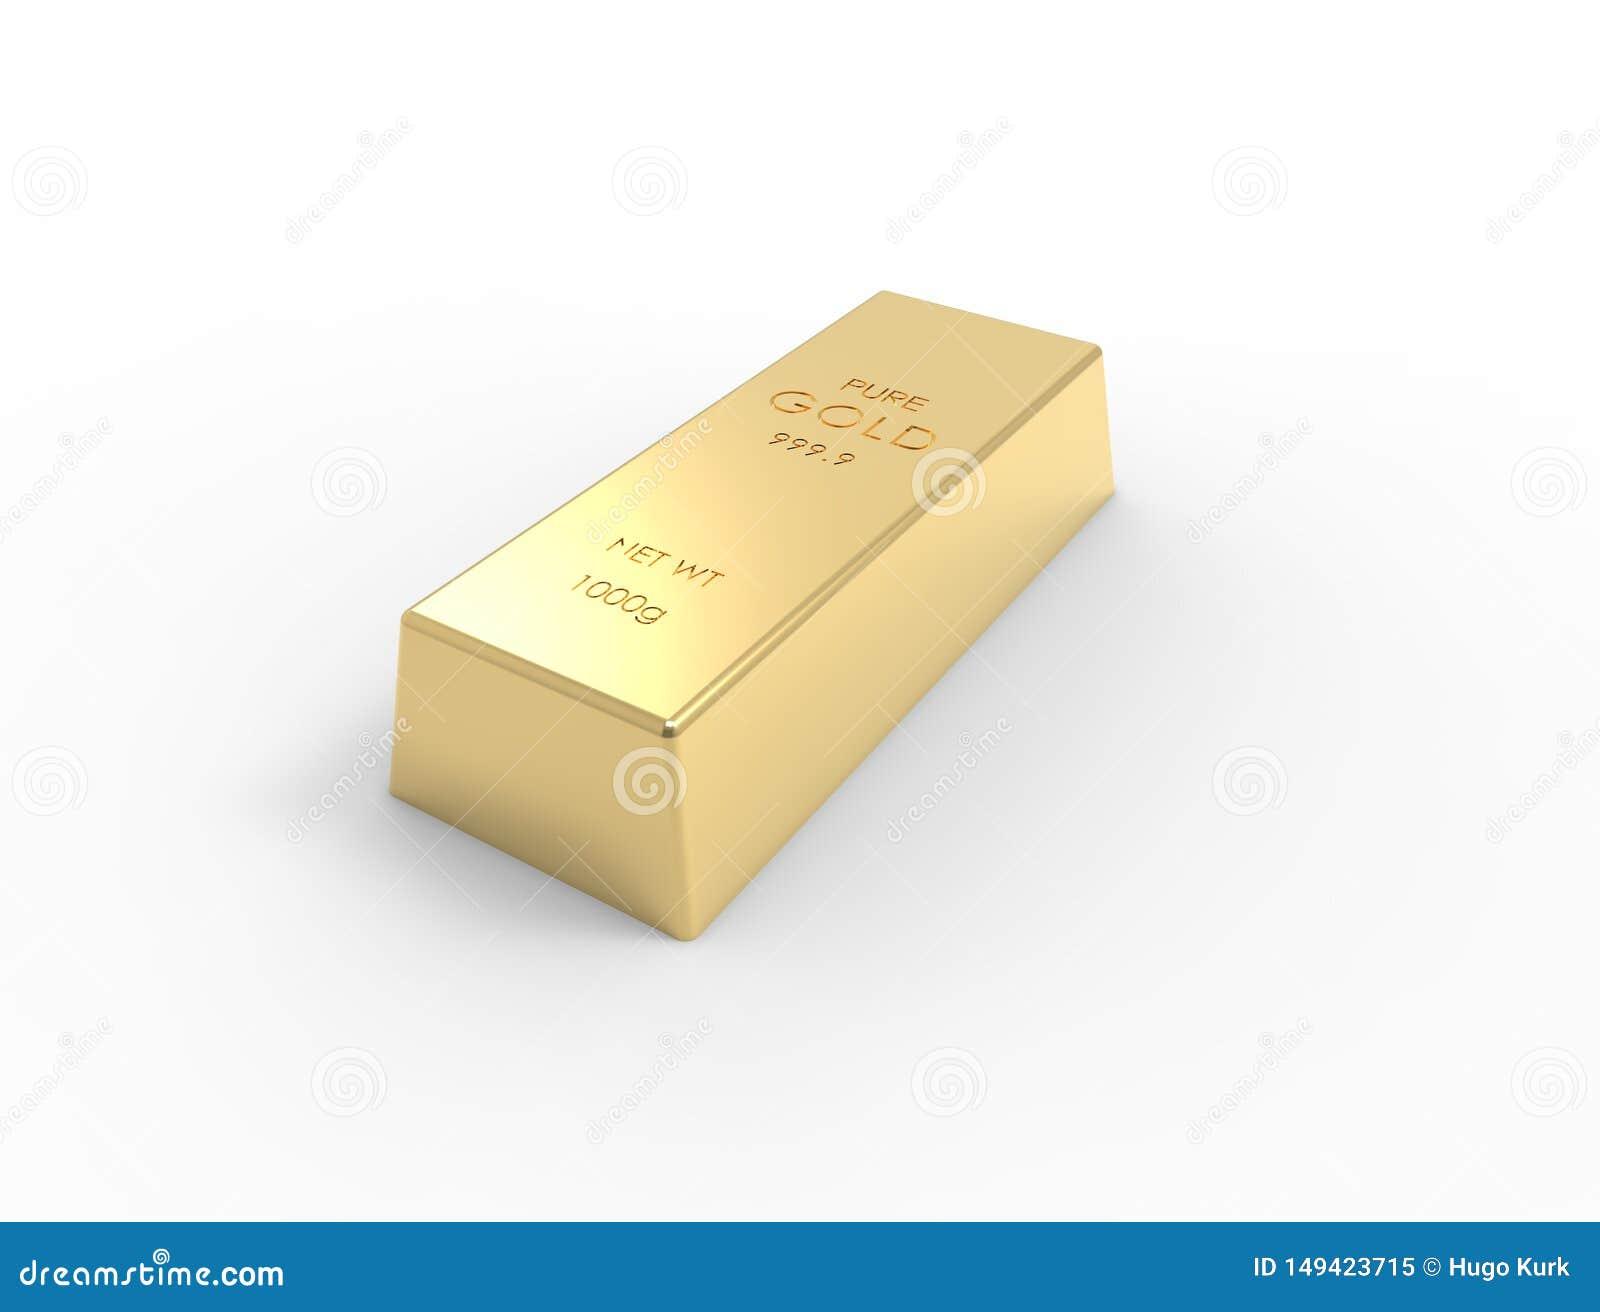 Rappresentazione 3D delle barre di oro isolate sul fondo bianco dello studio